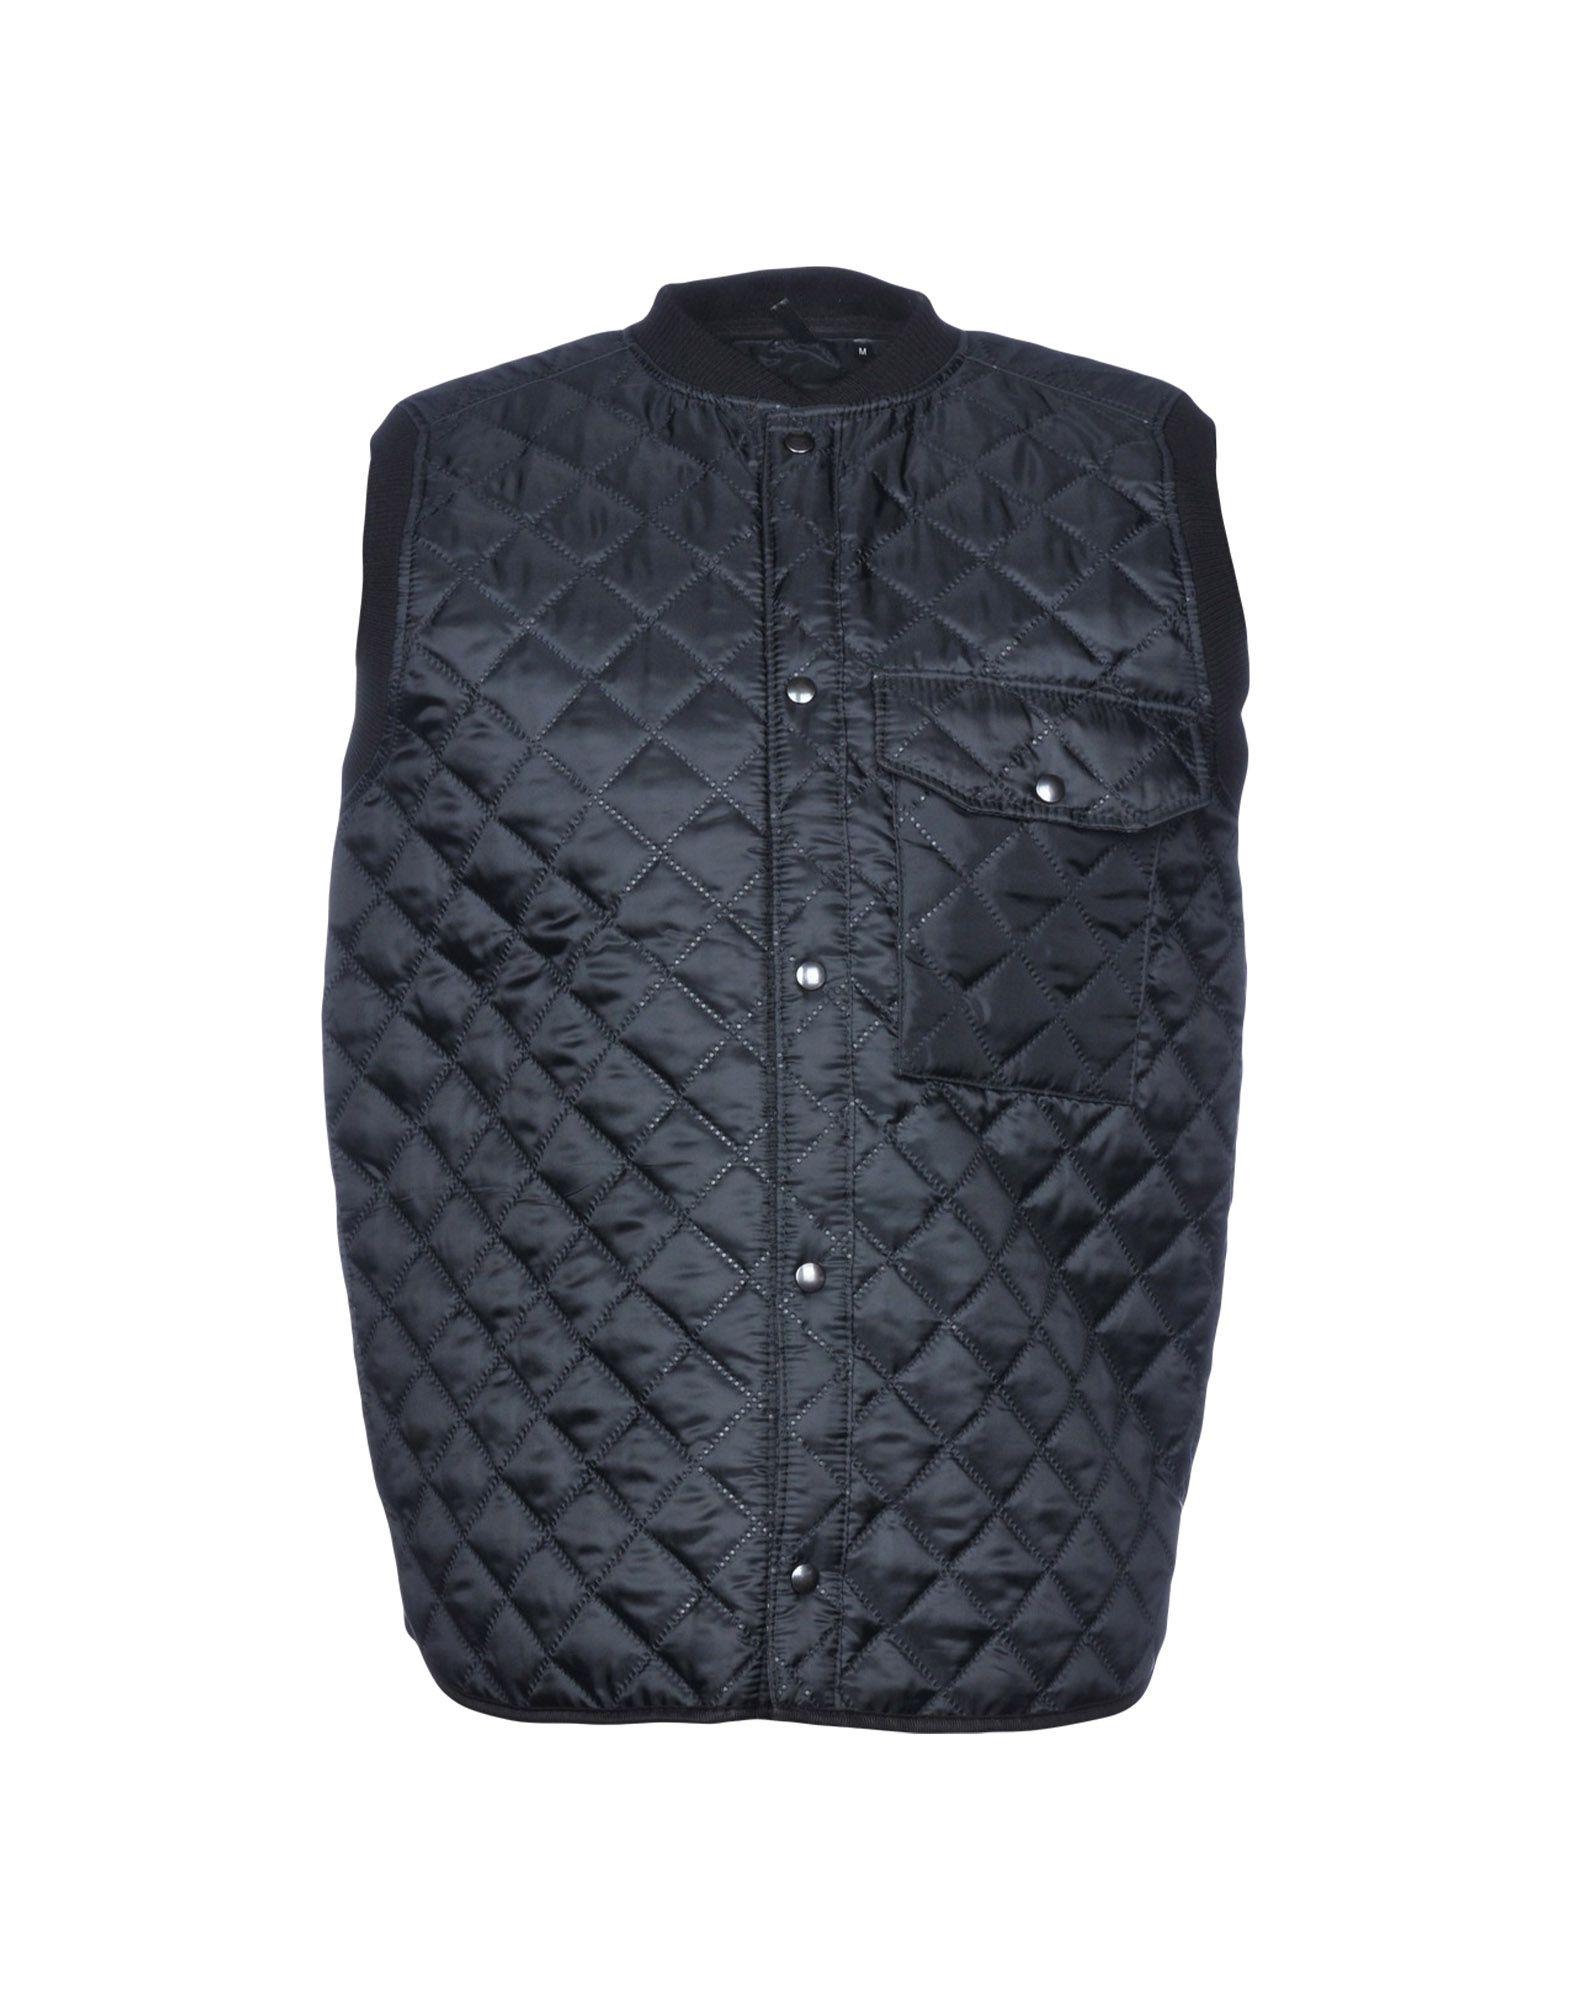 ELKA Jacket in Black